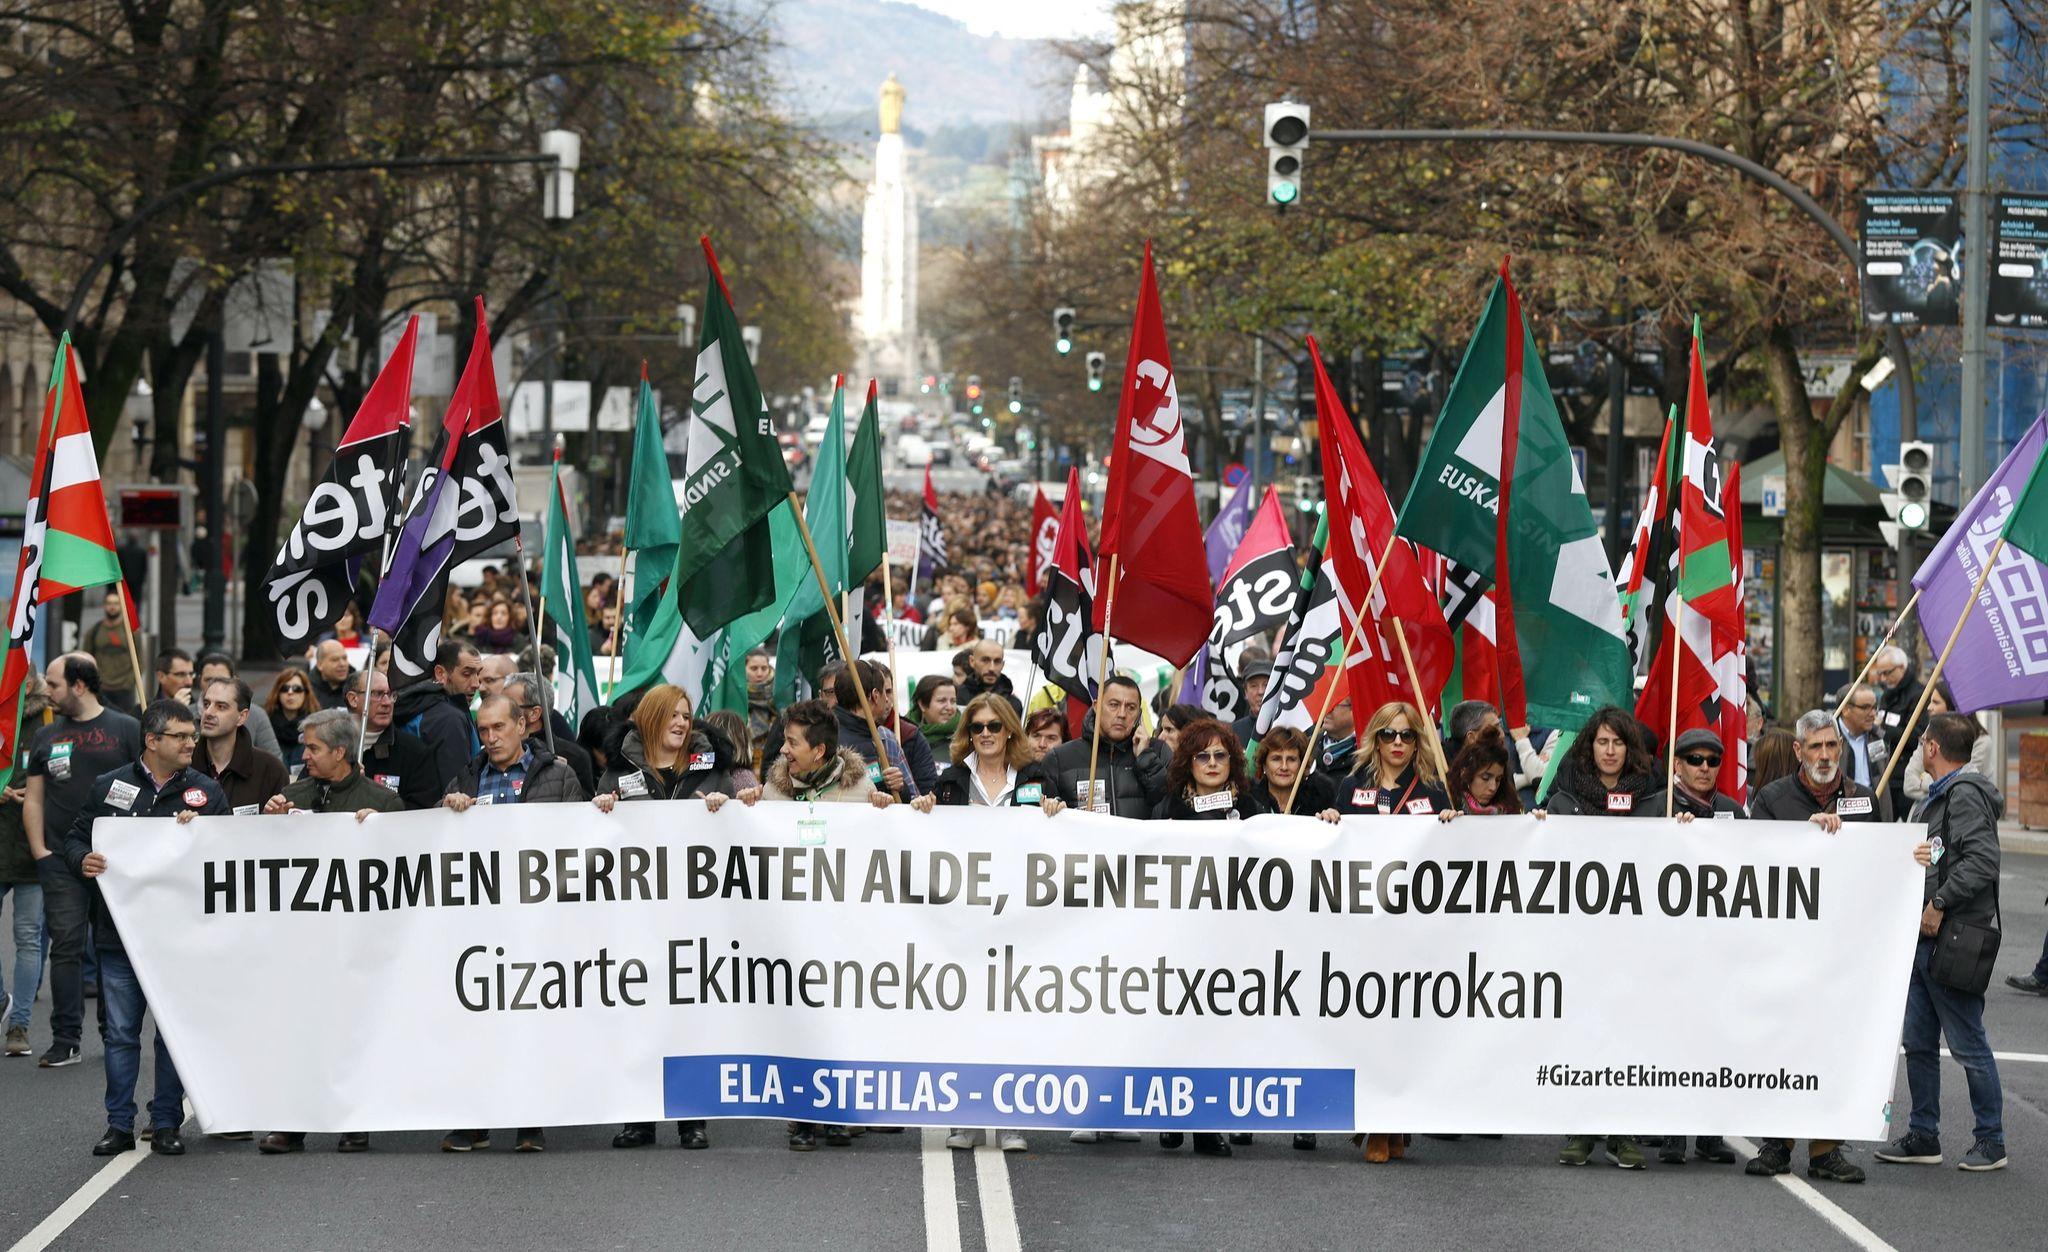 Un momento de la manifestación que ha recorrido las calles de Bilbao.